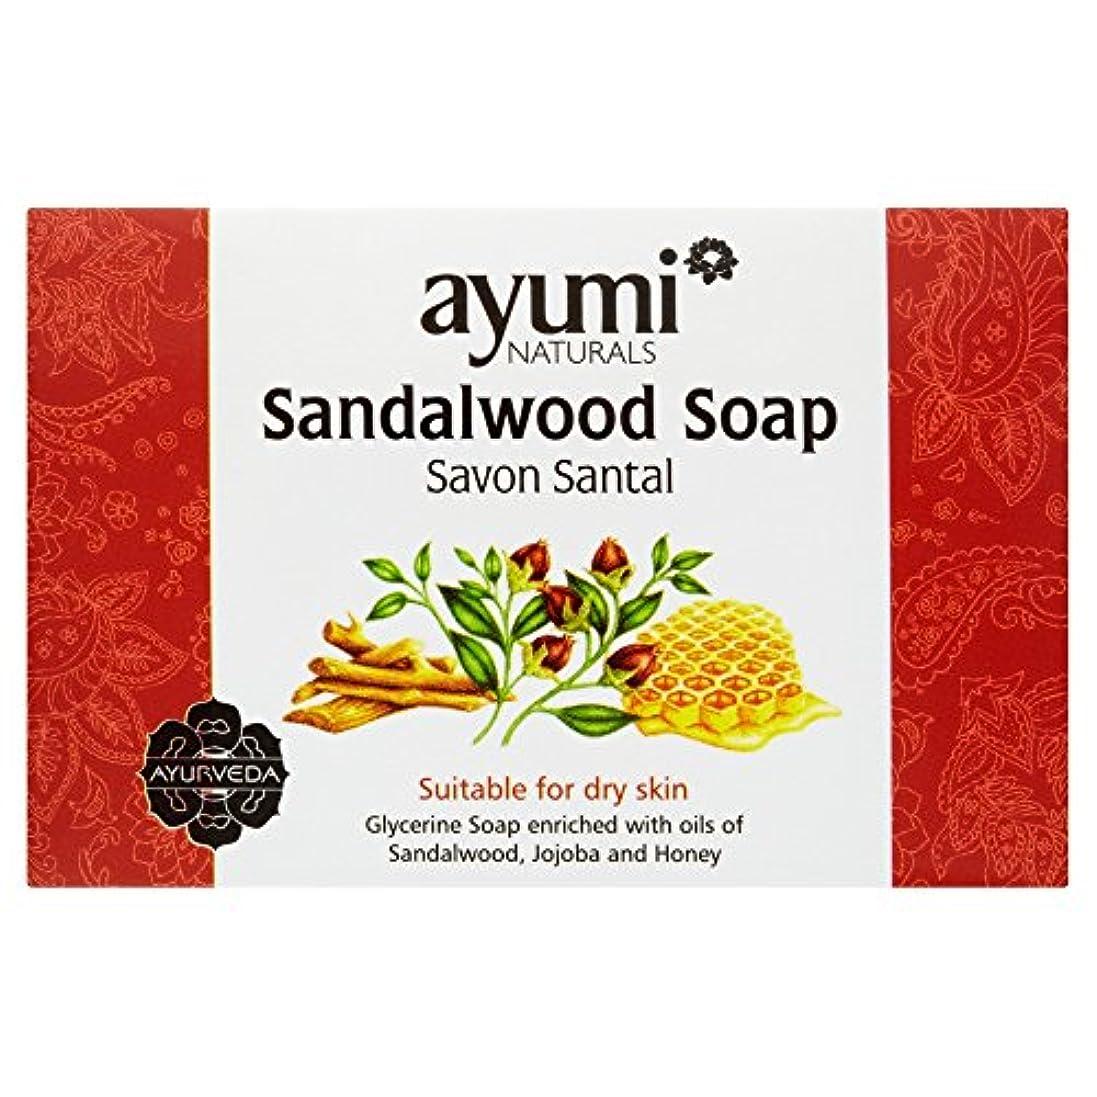 プット信条アルコーブAyumi Sandalwood Soap 100g